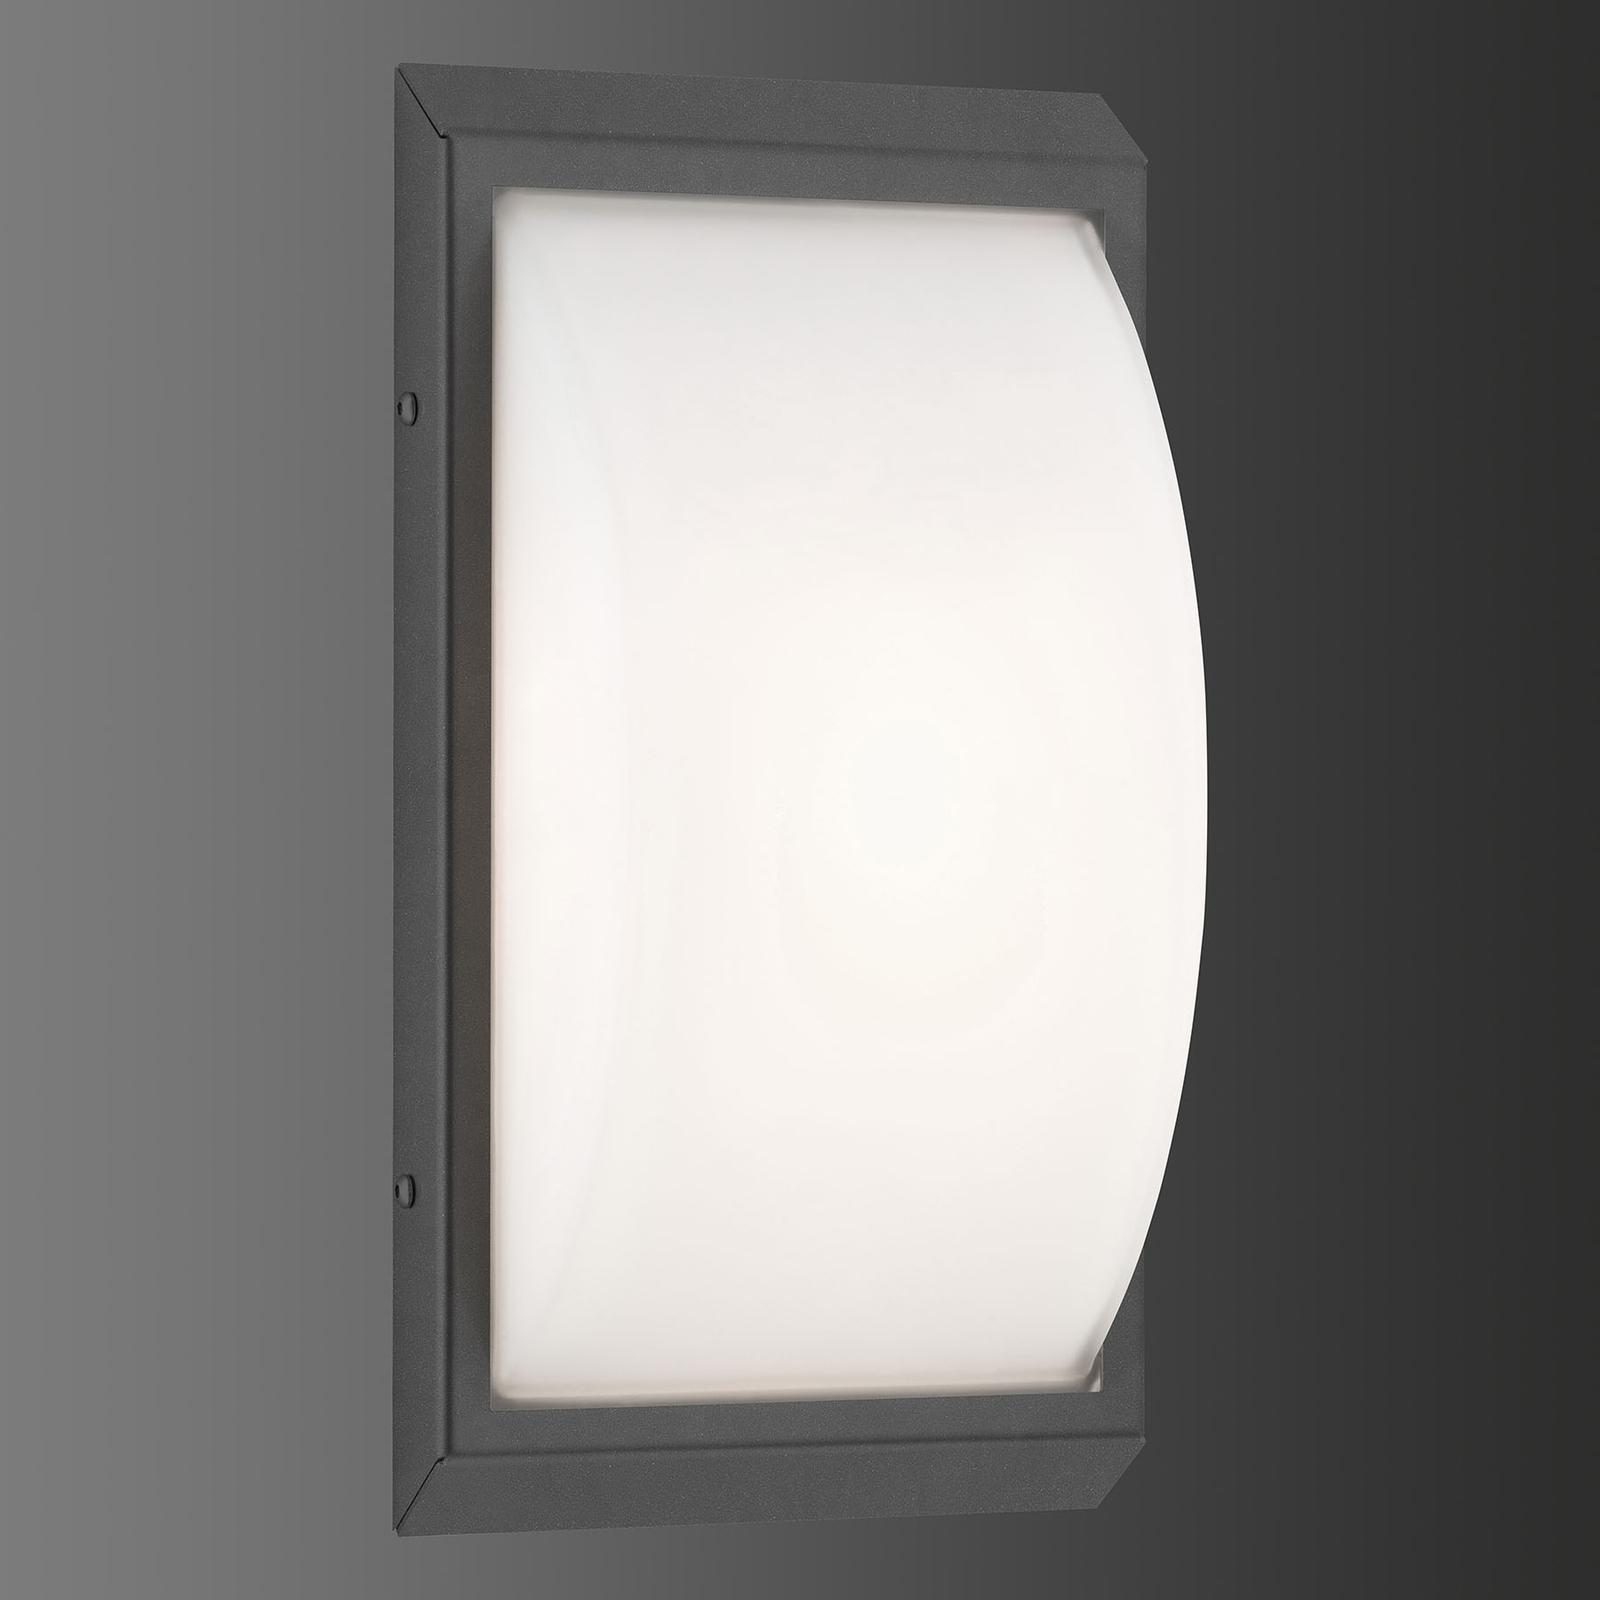 LED buitenwandlamp 053 van roestvrijstaal, grafiet